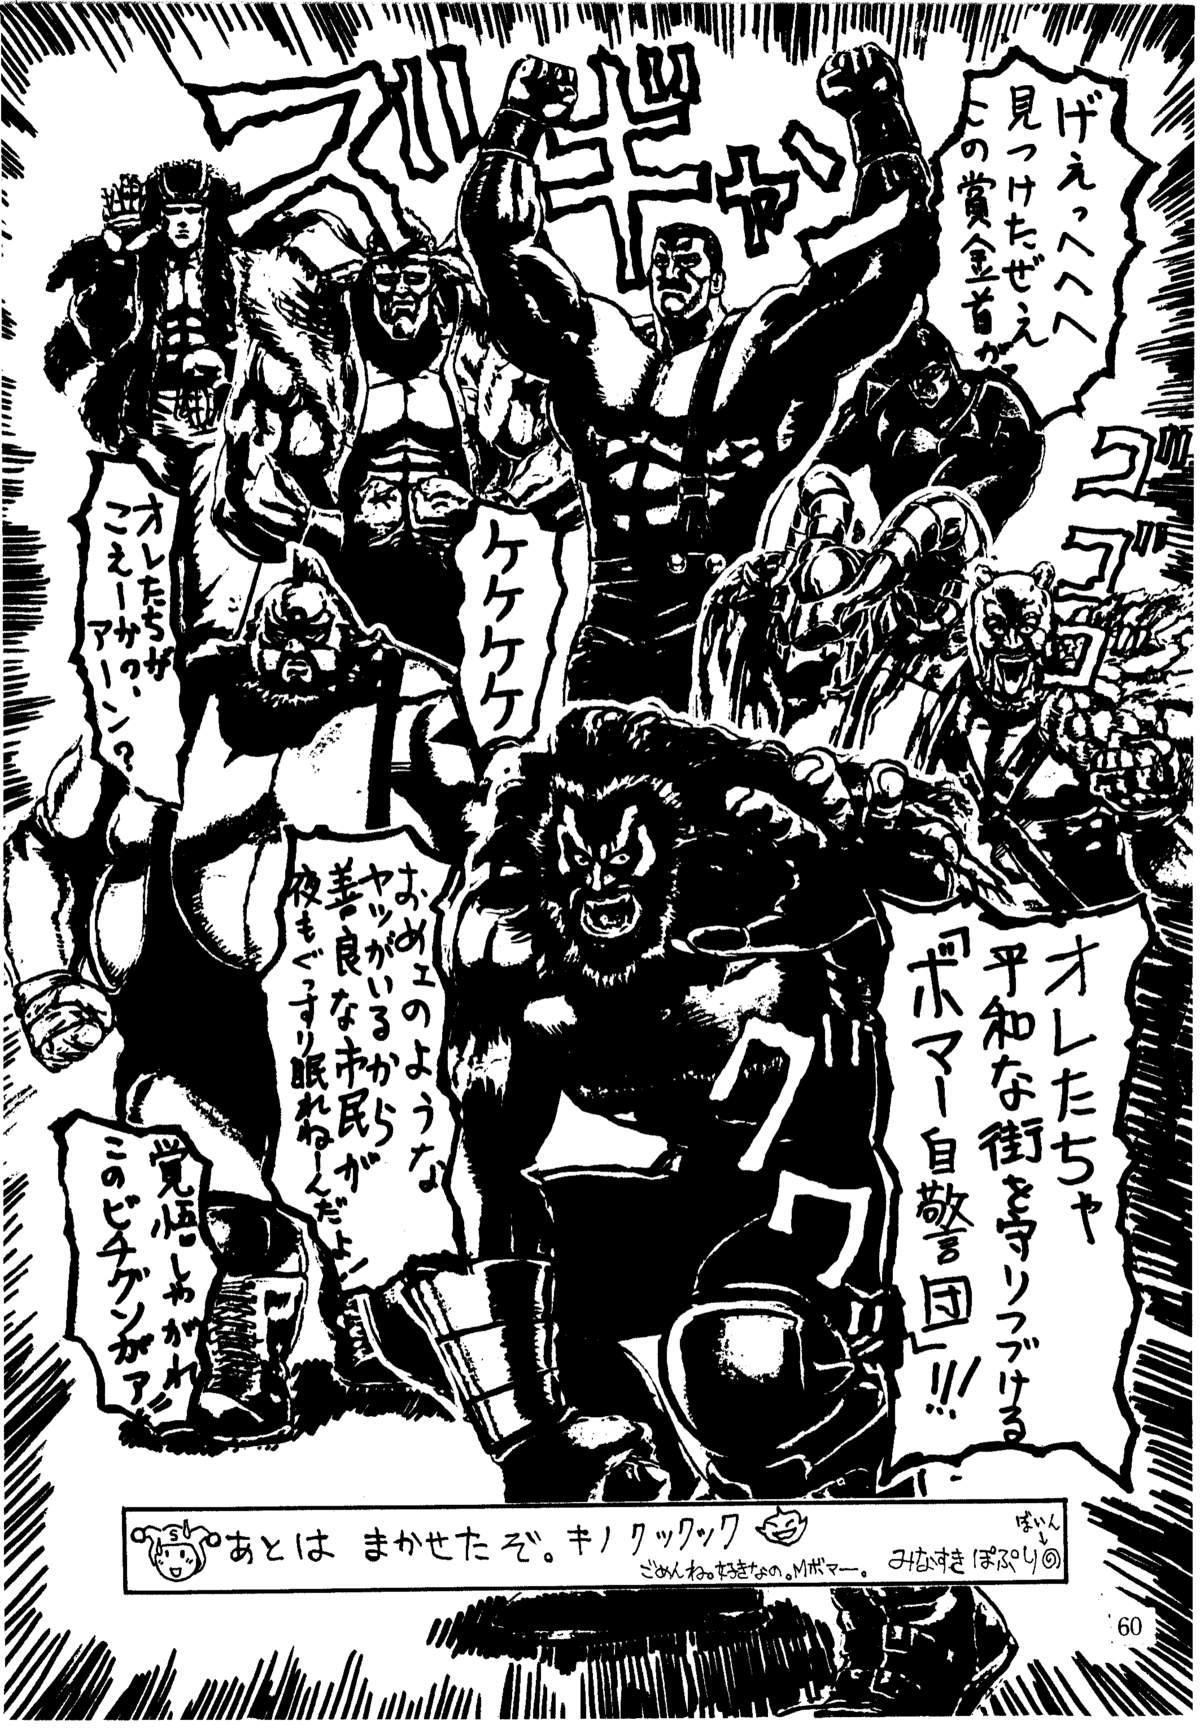 Shikiyoku Hokkedan 3 59